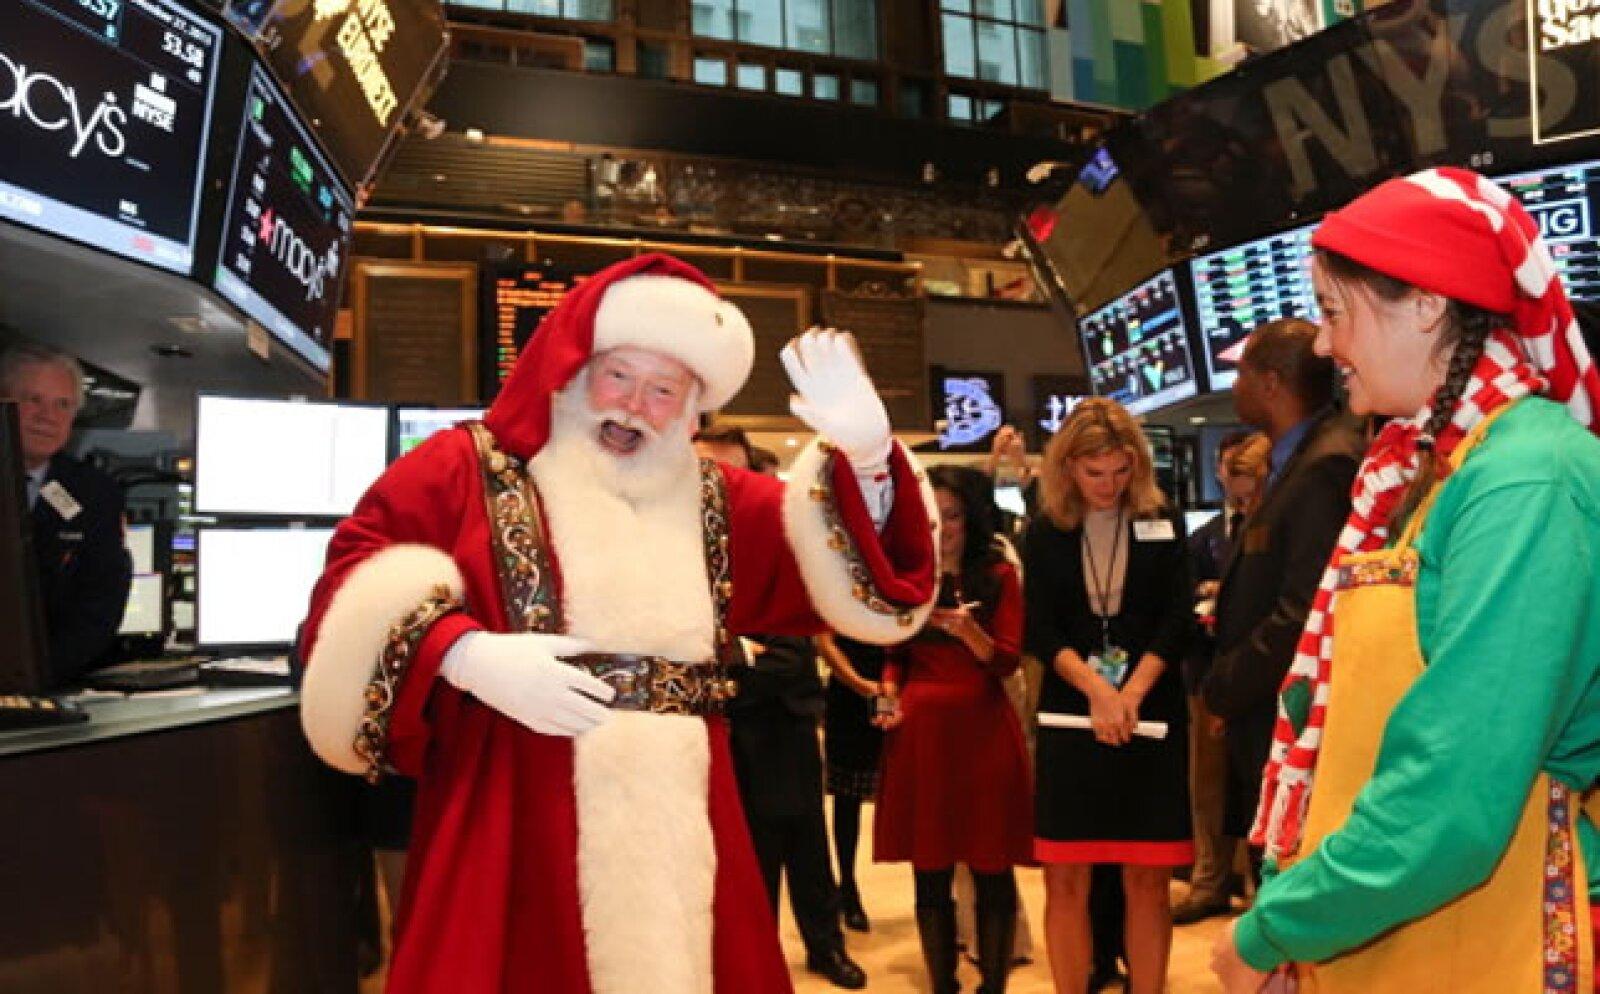 Anteriormente, en el día de Acción de Gracias, habían recibido la visita de Papá Noel.